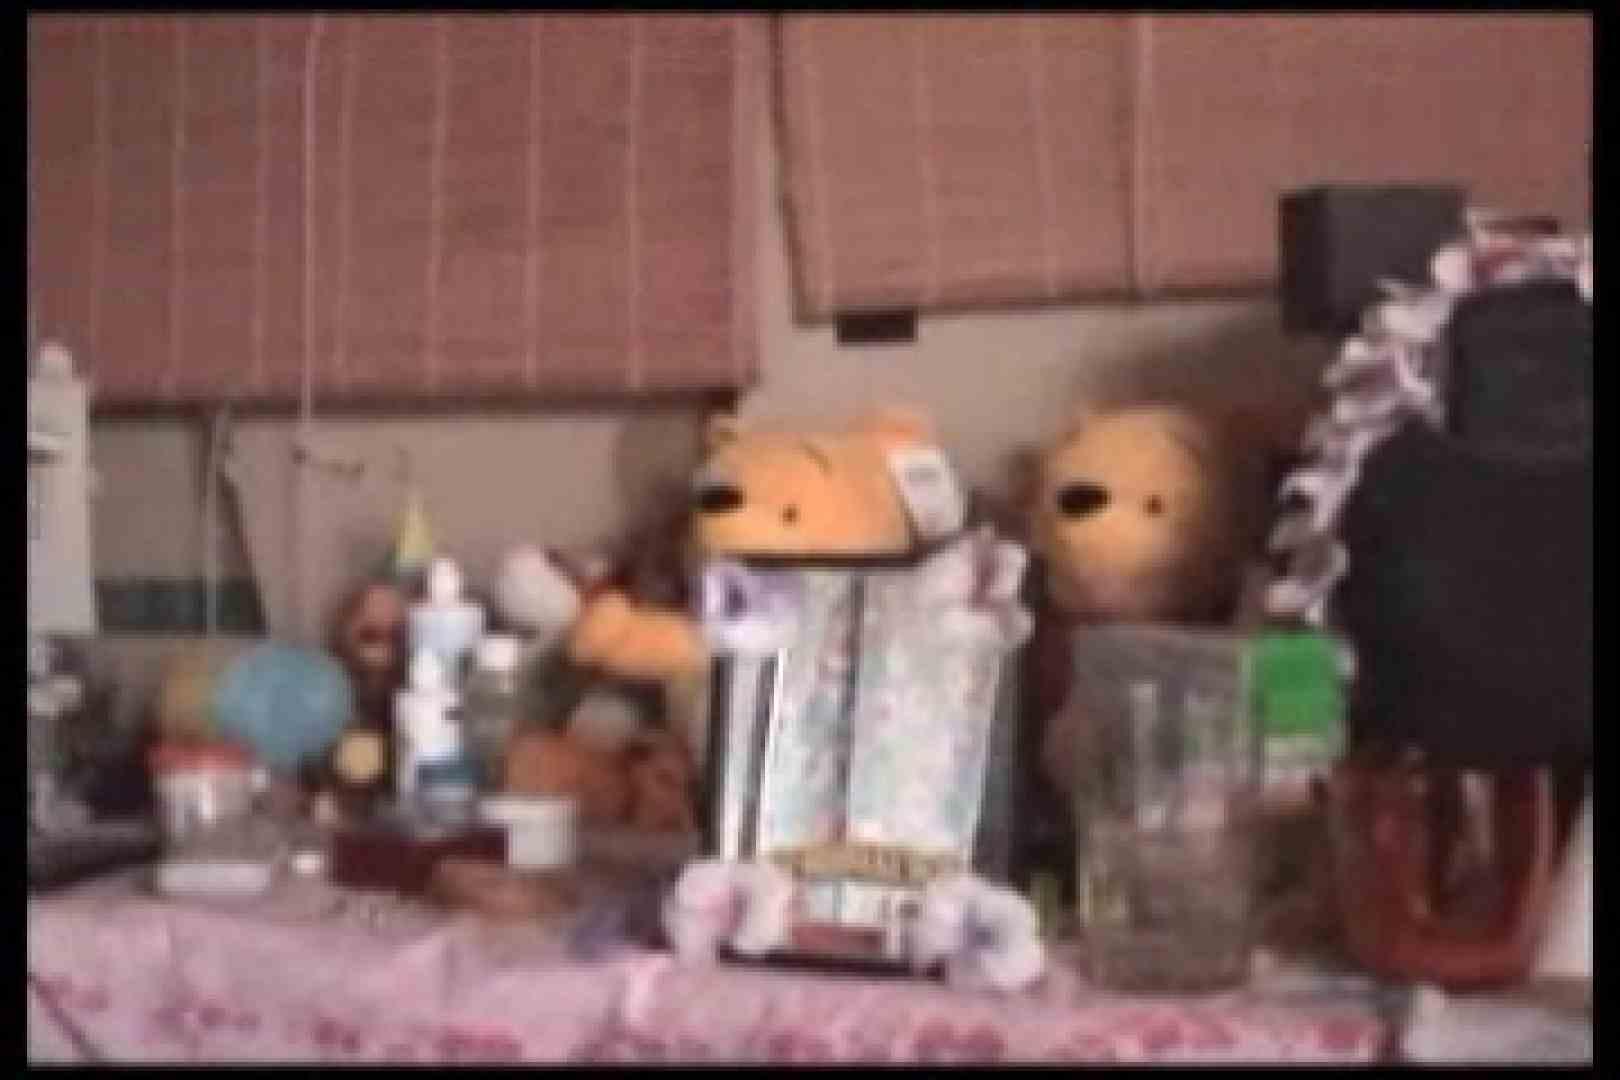 【個人投稿】イケメンのEVERY DAY オナニー記録!! オナニー アダルトビデオ画像キャプチャ 83枚 8